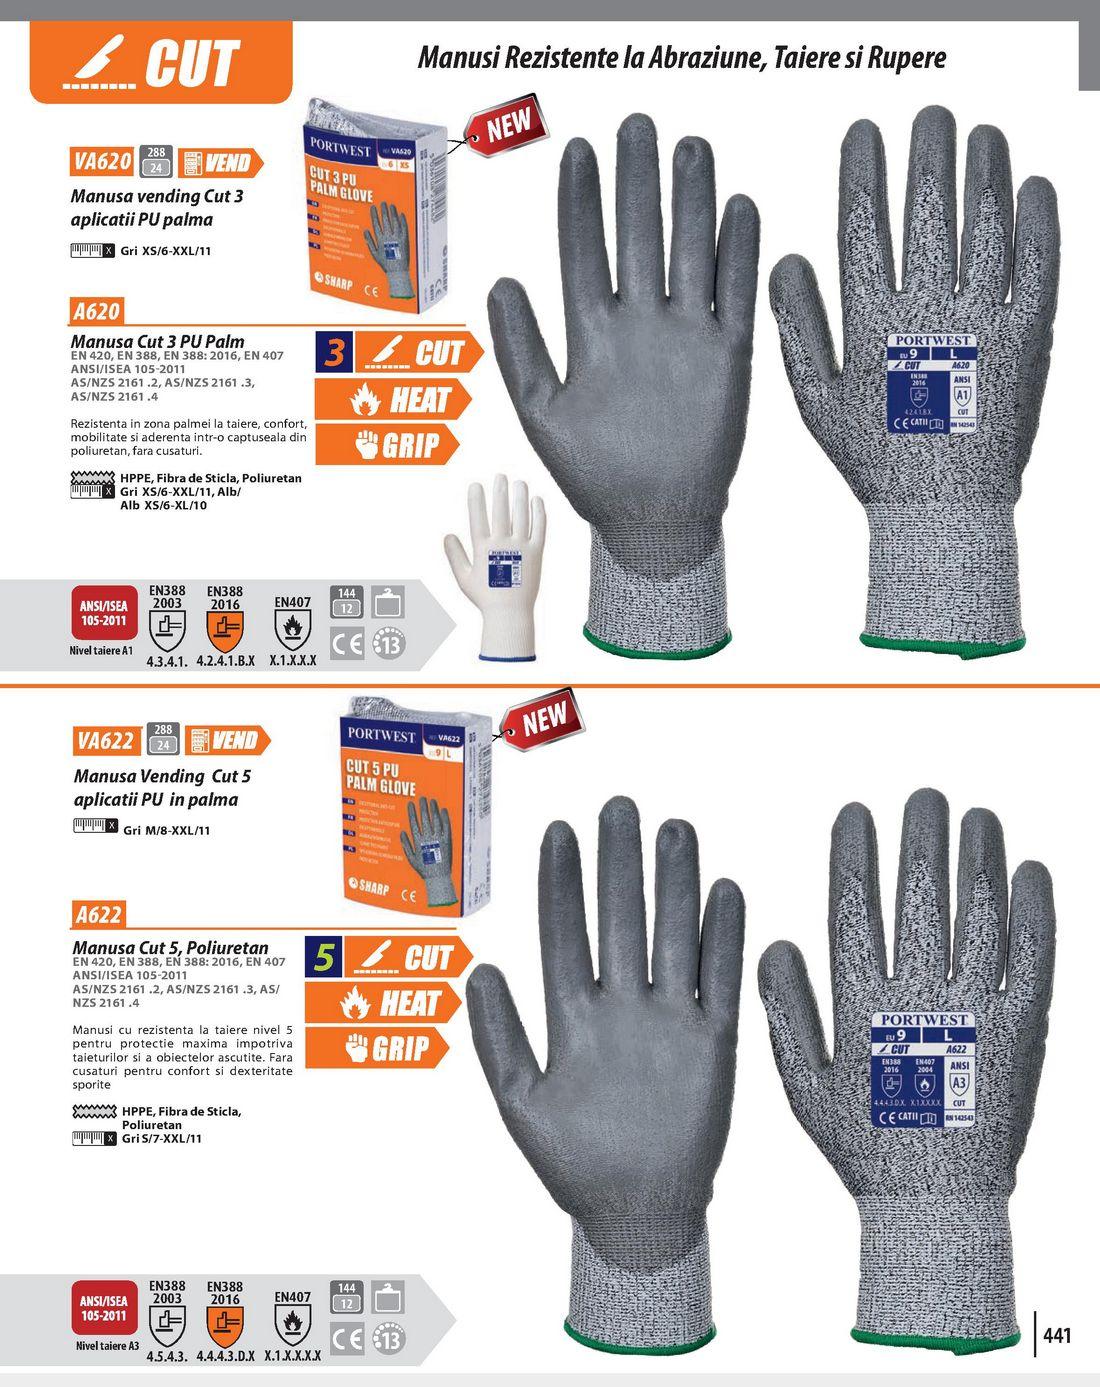 Manusa Vending Cut 5 aplicatii PU in palma PortWest VA622 desc